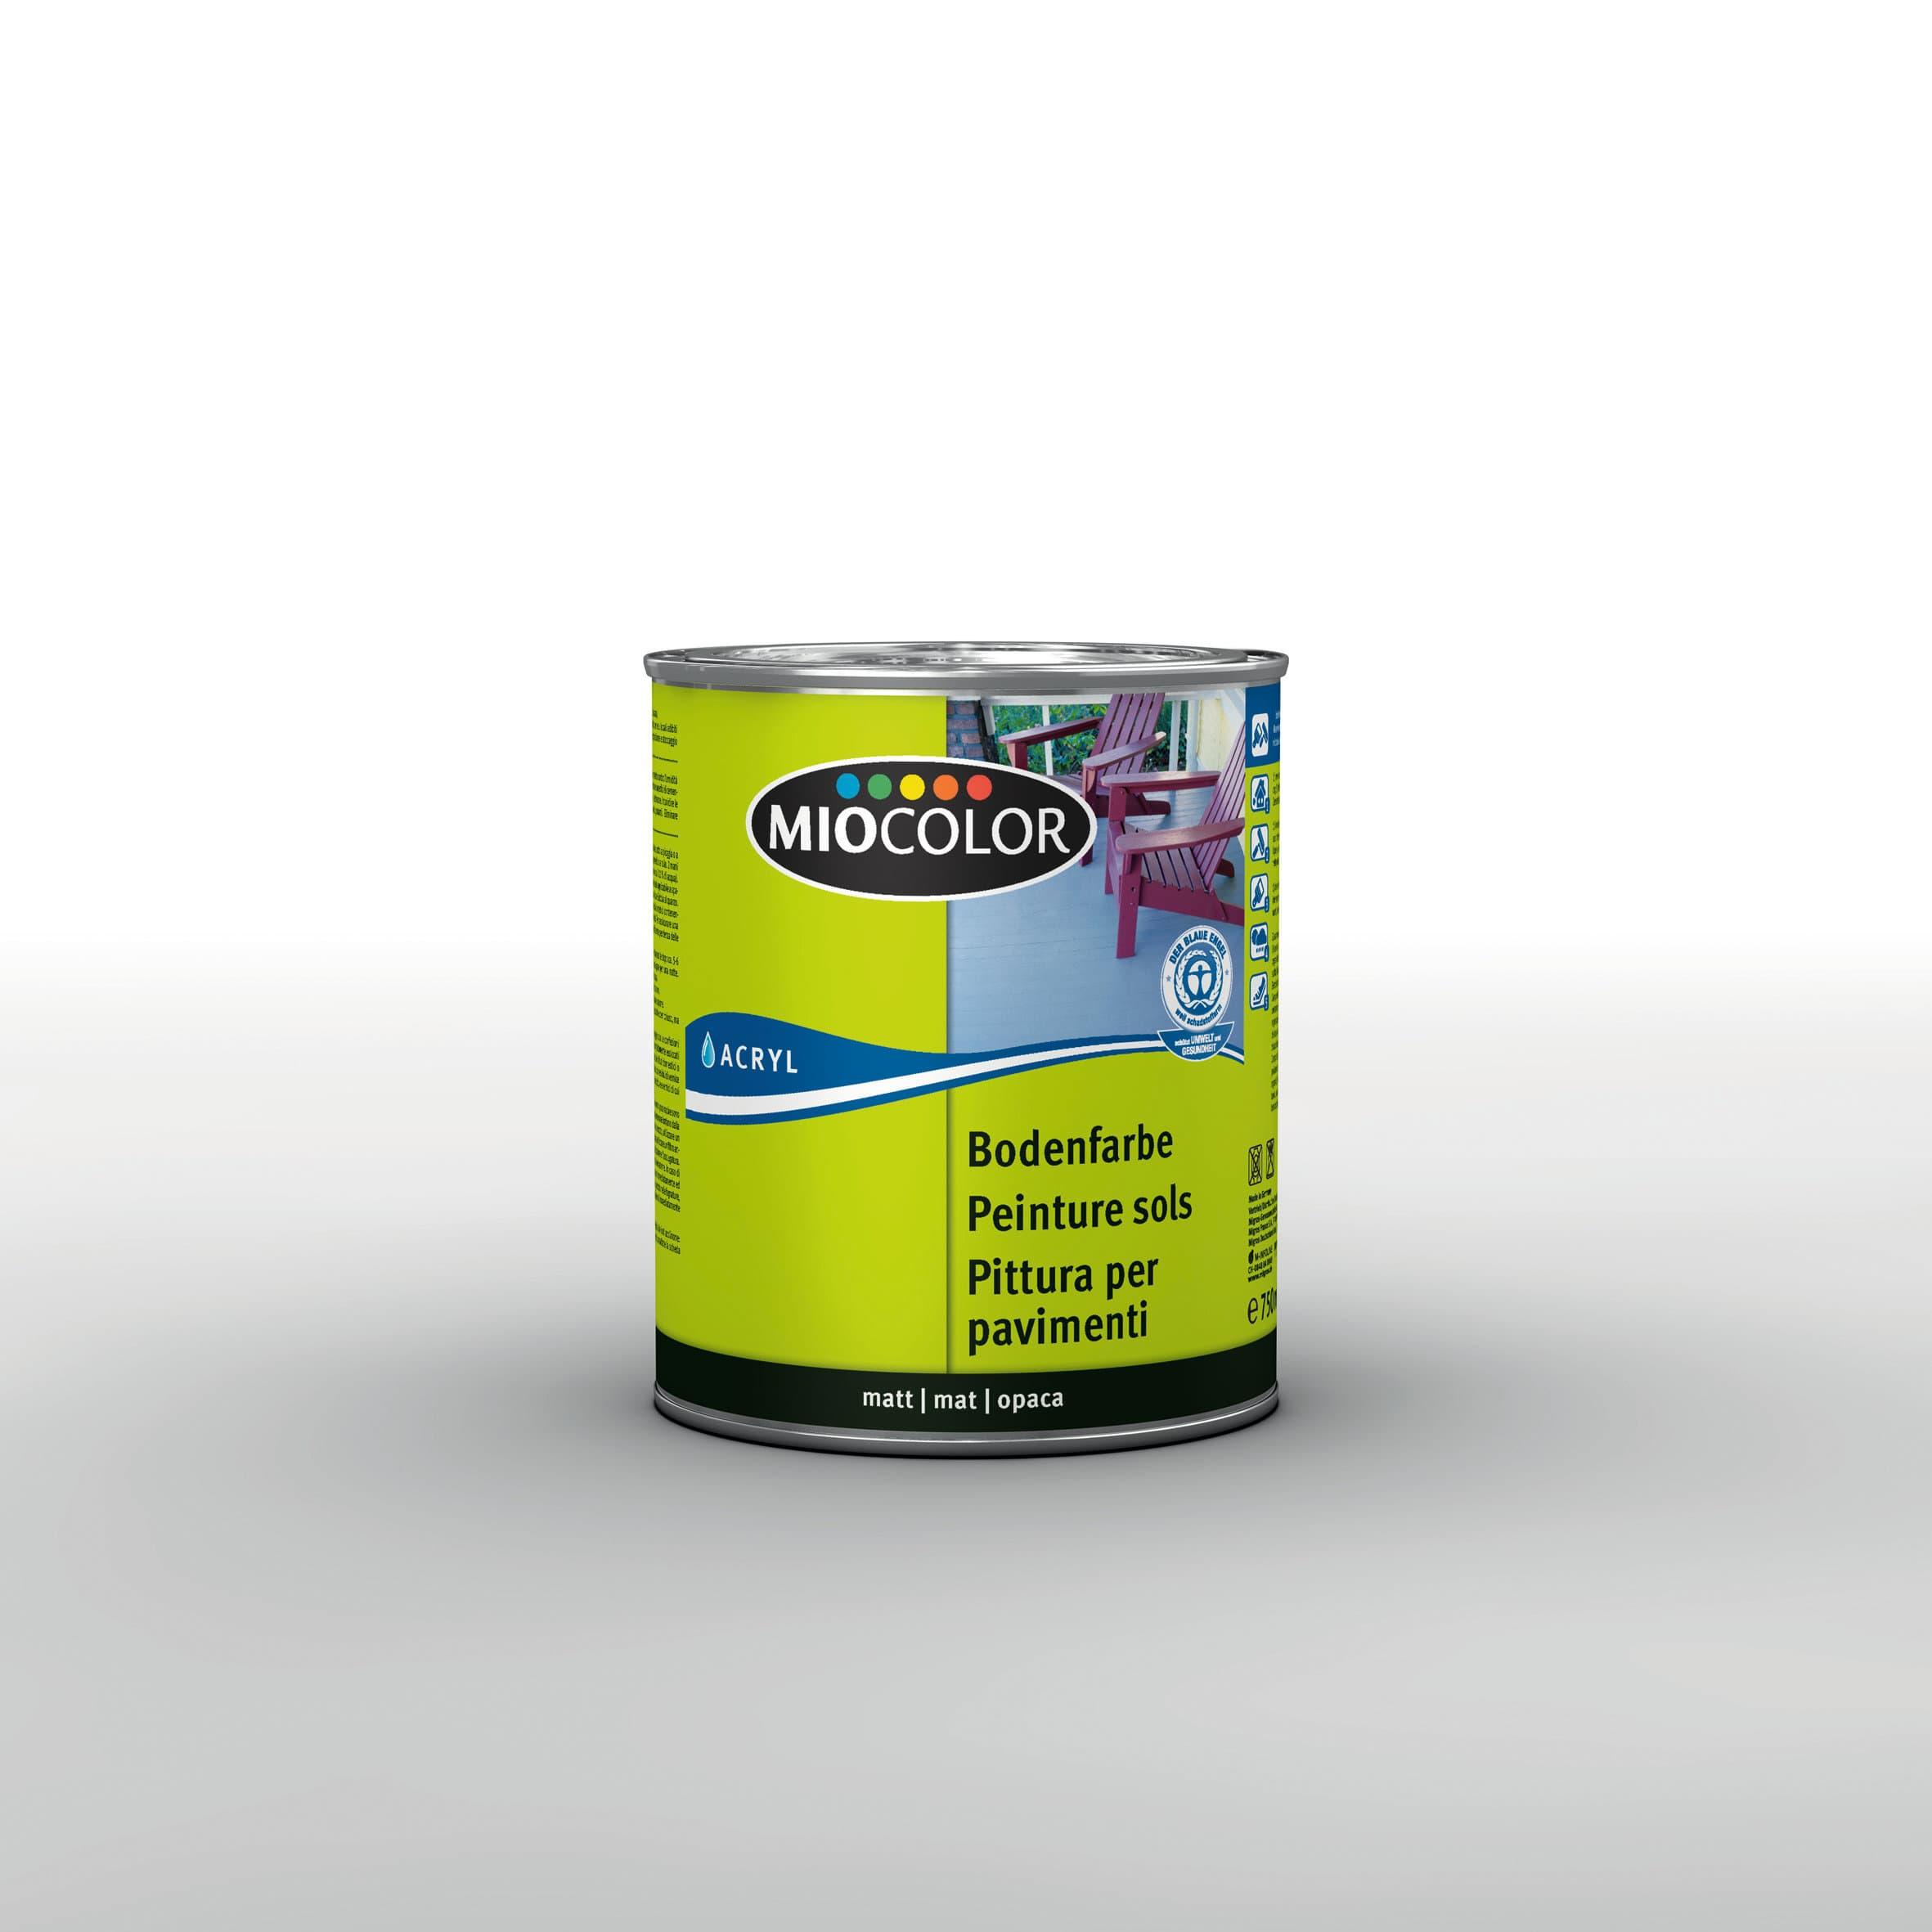 Miocolor Acryl Peinture sols